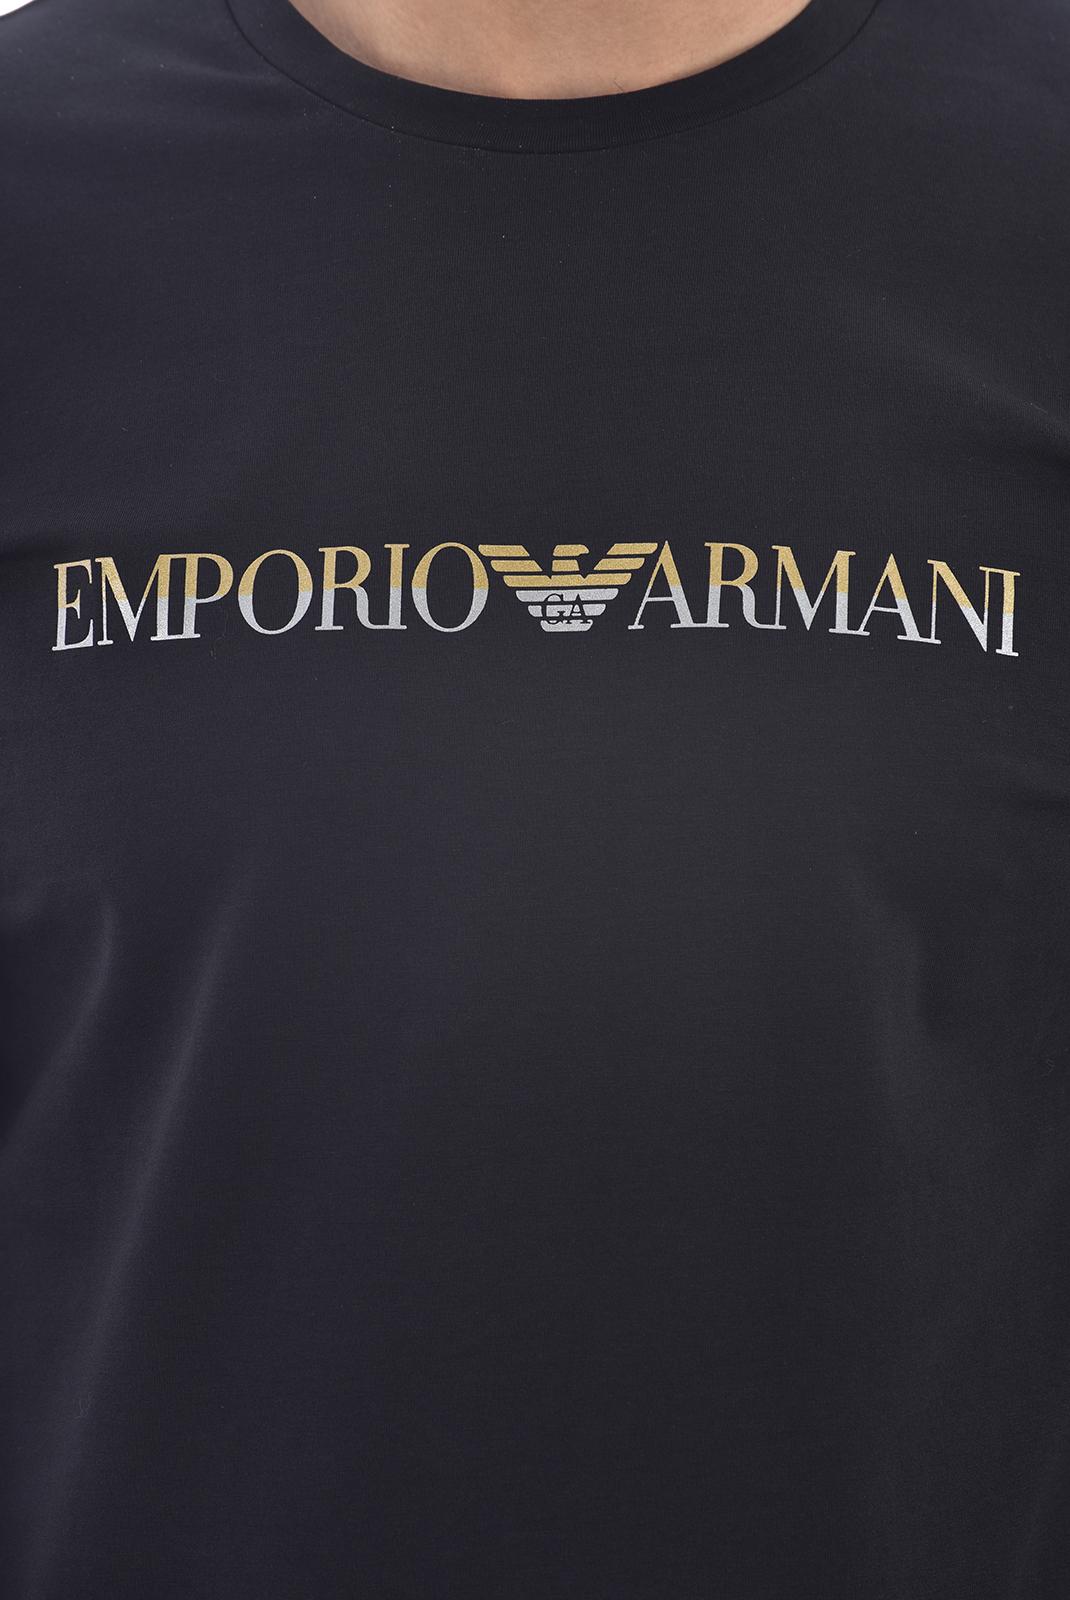 T-S manches longues  Emporio armani 111653 0A595 020 BLACK